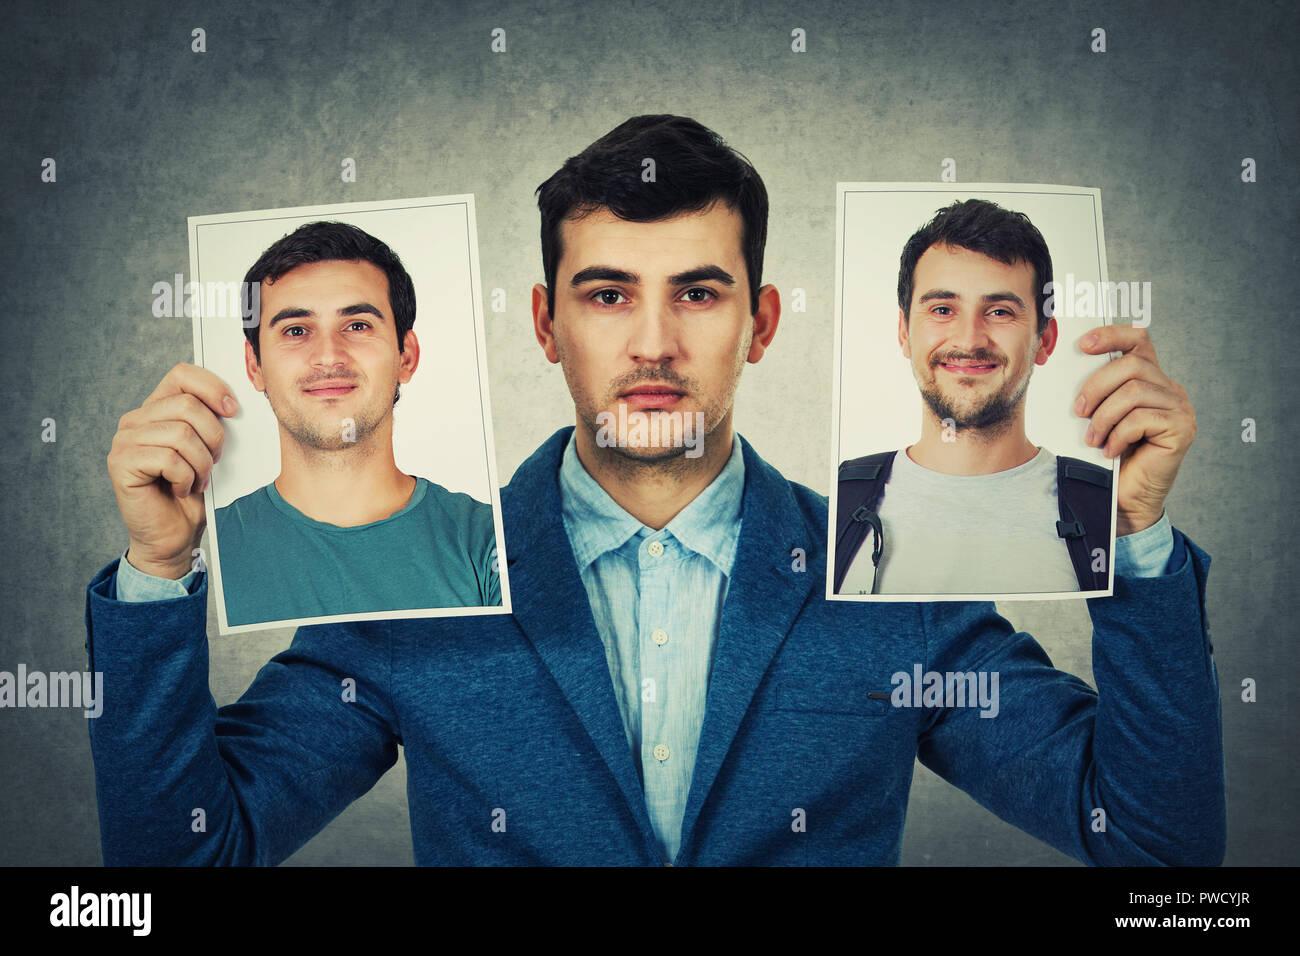 Junger Mann mit zwei portrait Foto Blätter mit unterschiedlichem Charakter. Ändern Sie Ihre Persönlichkeit, fake Maske auf das reale Ausdruck der sich selbst verstecken. Stockbild